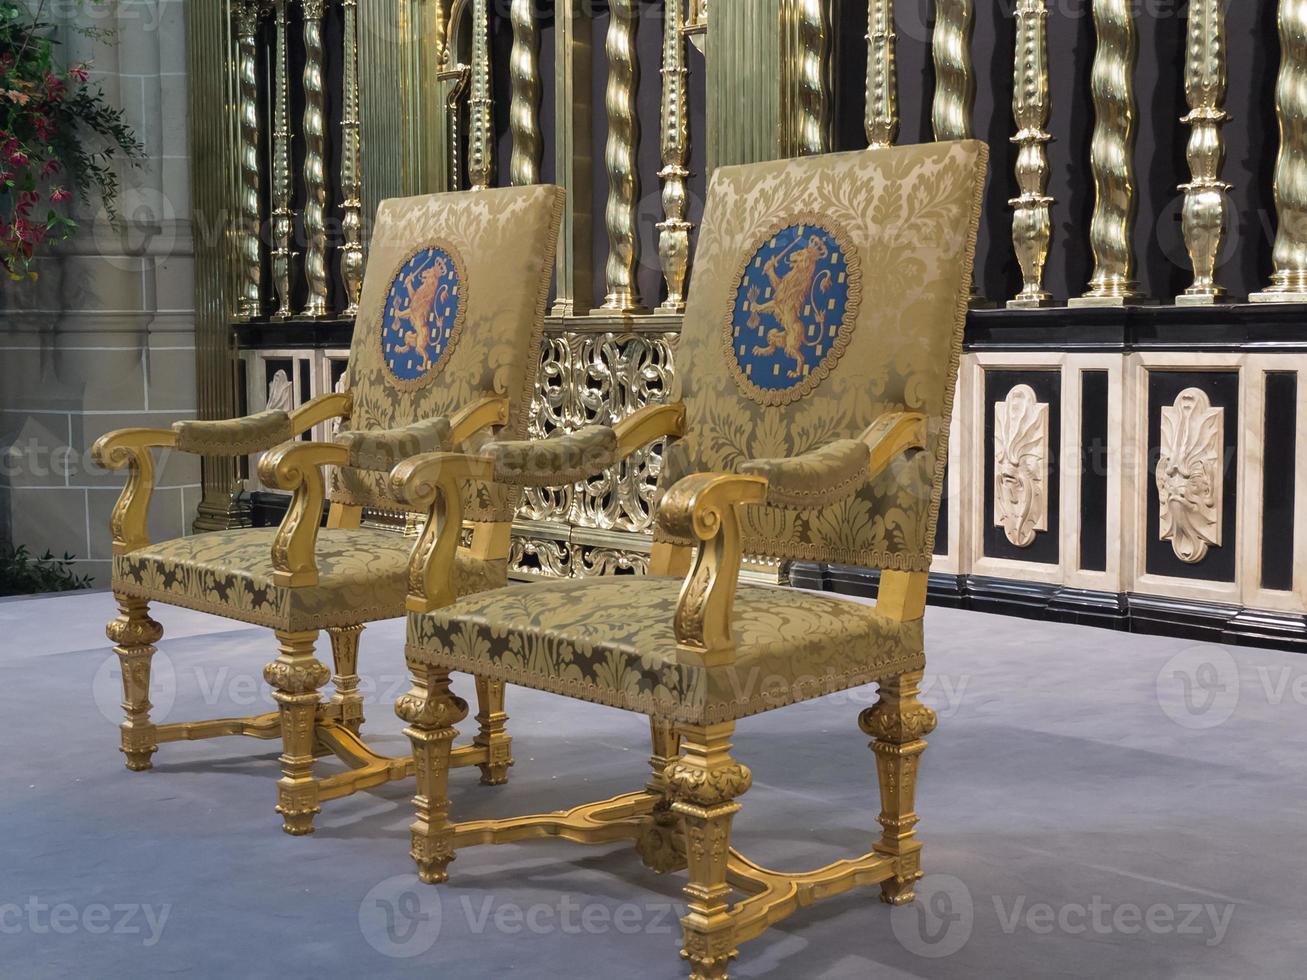 koninklijke zetels zoals gebruikt tijdens de inauguratie van de nieuwe koning foto